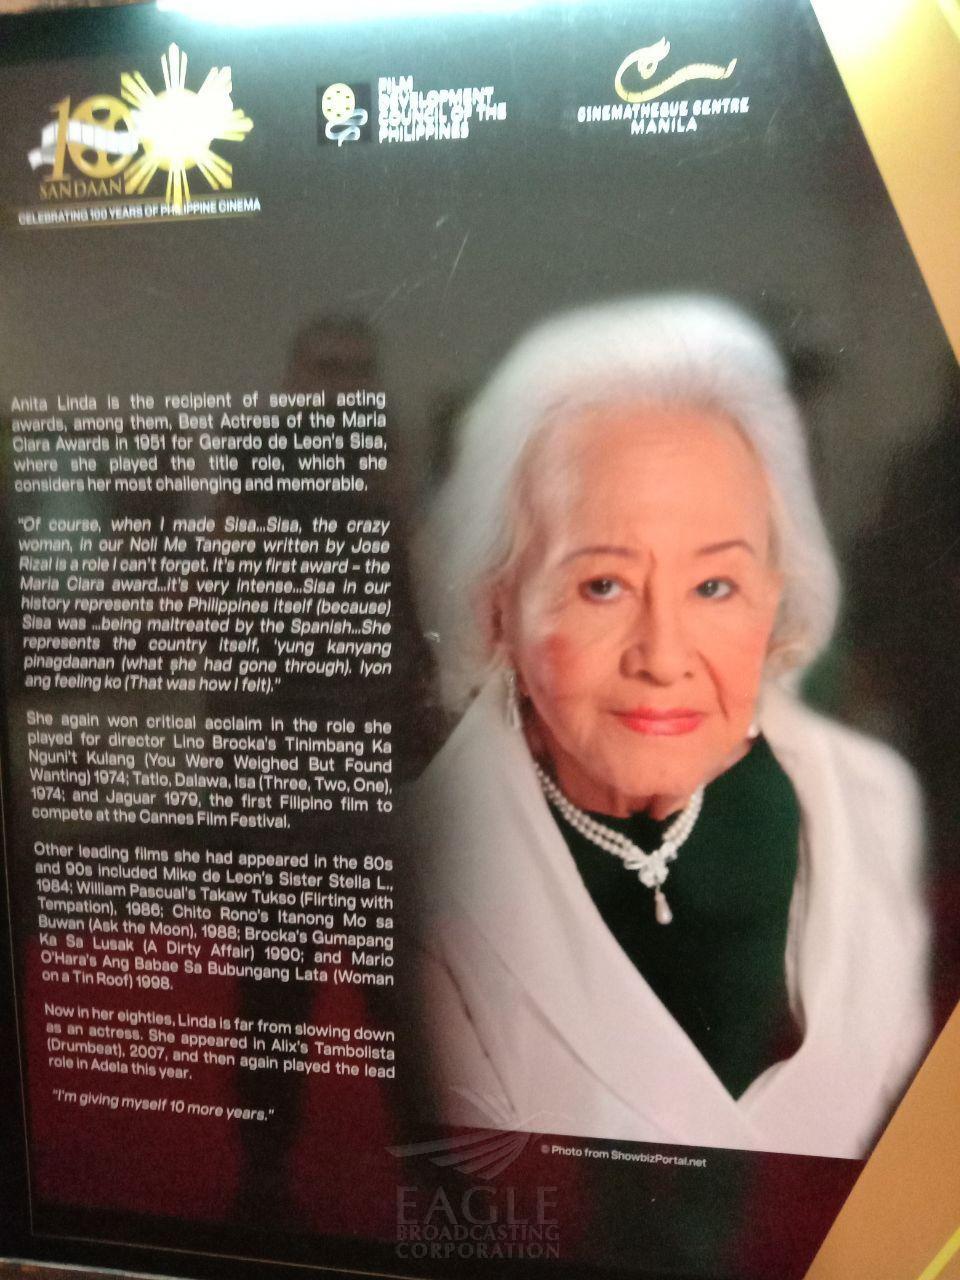 FDCP honors veteran actress and legend, Anita Linda